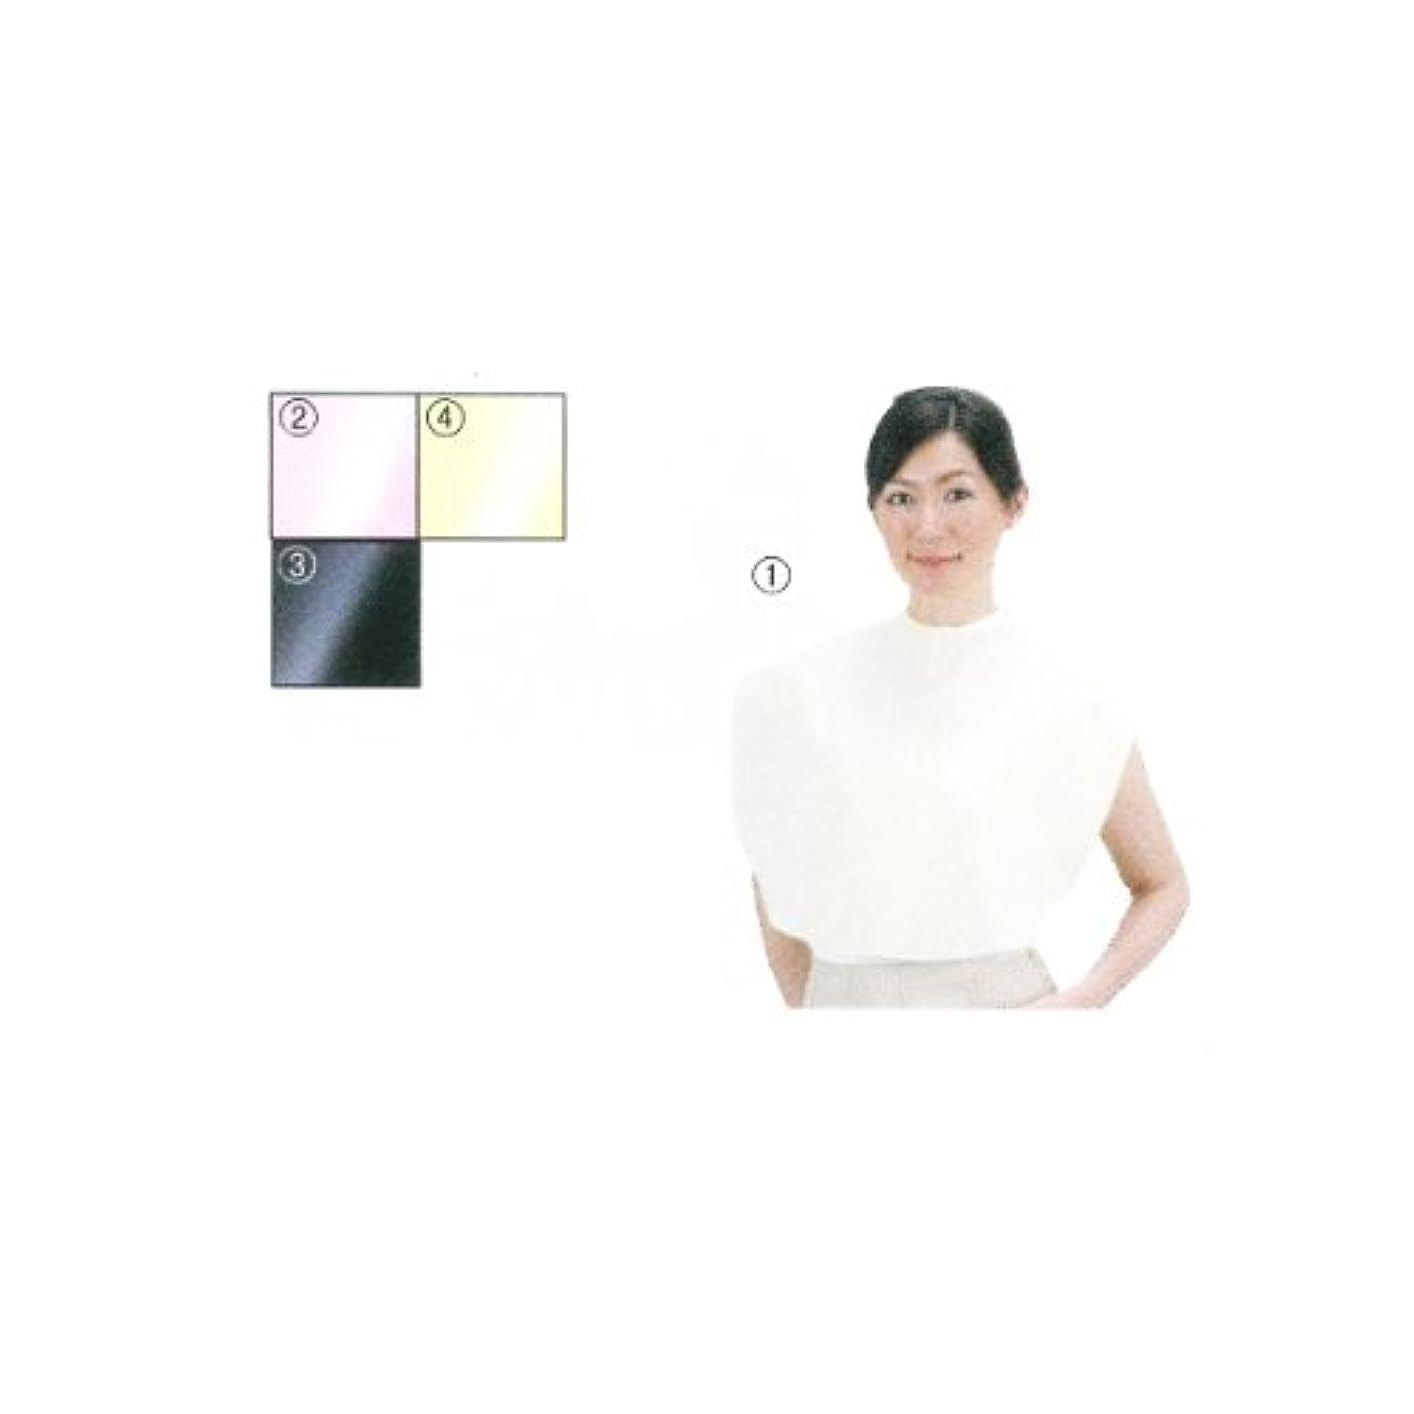 満足幽霊ピンワコウ No.7200 メイクアップケープ (ミニサイズ) 超撥水タイプ WAKO (ホワイト)7200-0